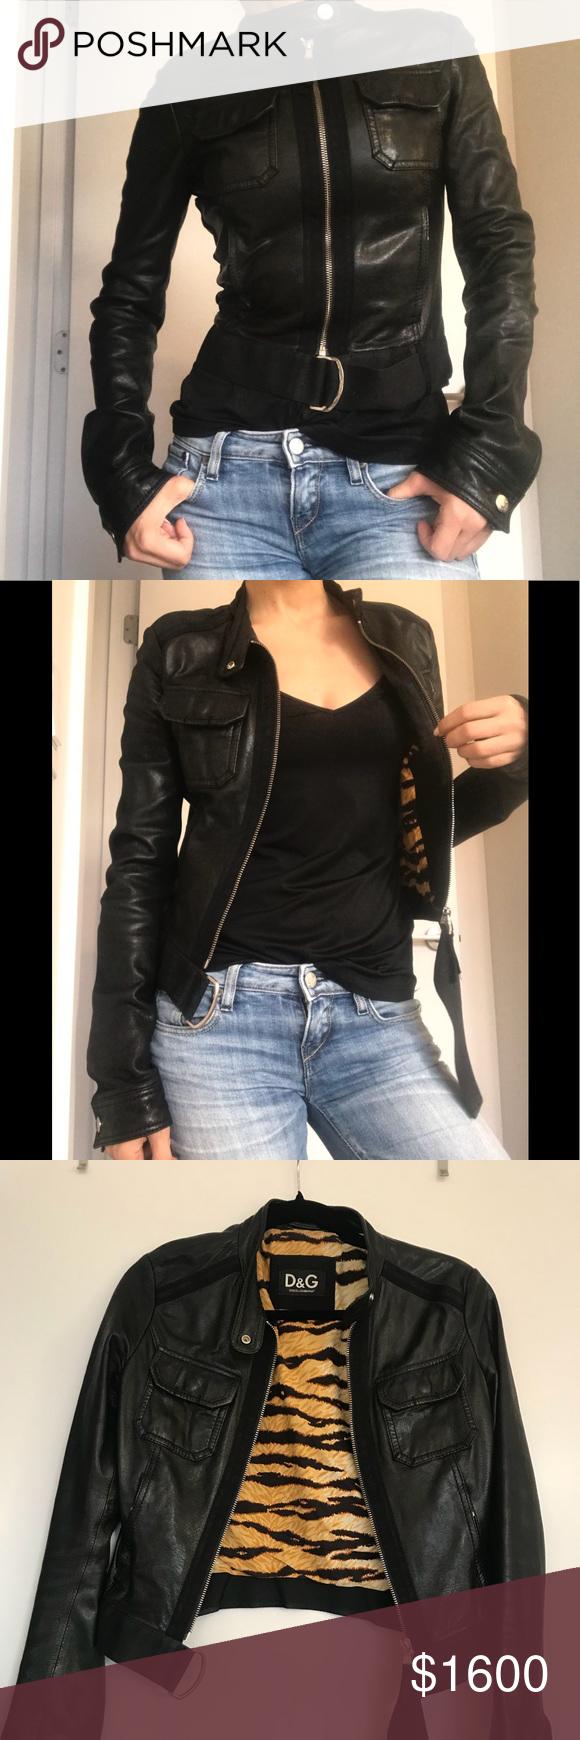 c08fba918 D&G Lambskin Jacket D&G by Dolce & Gabbana black lambskin leather ...